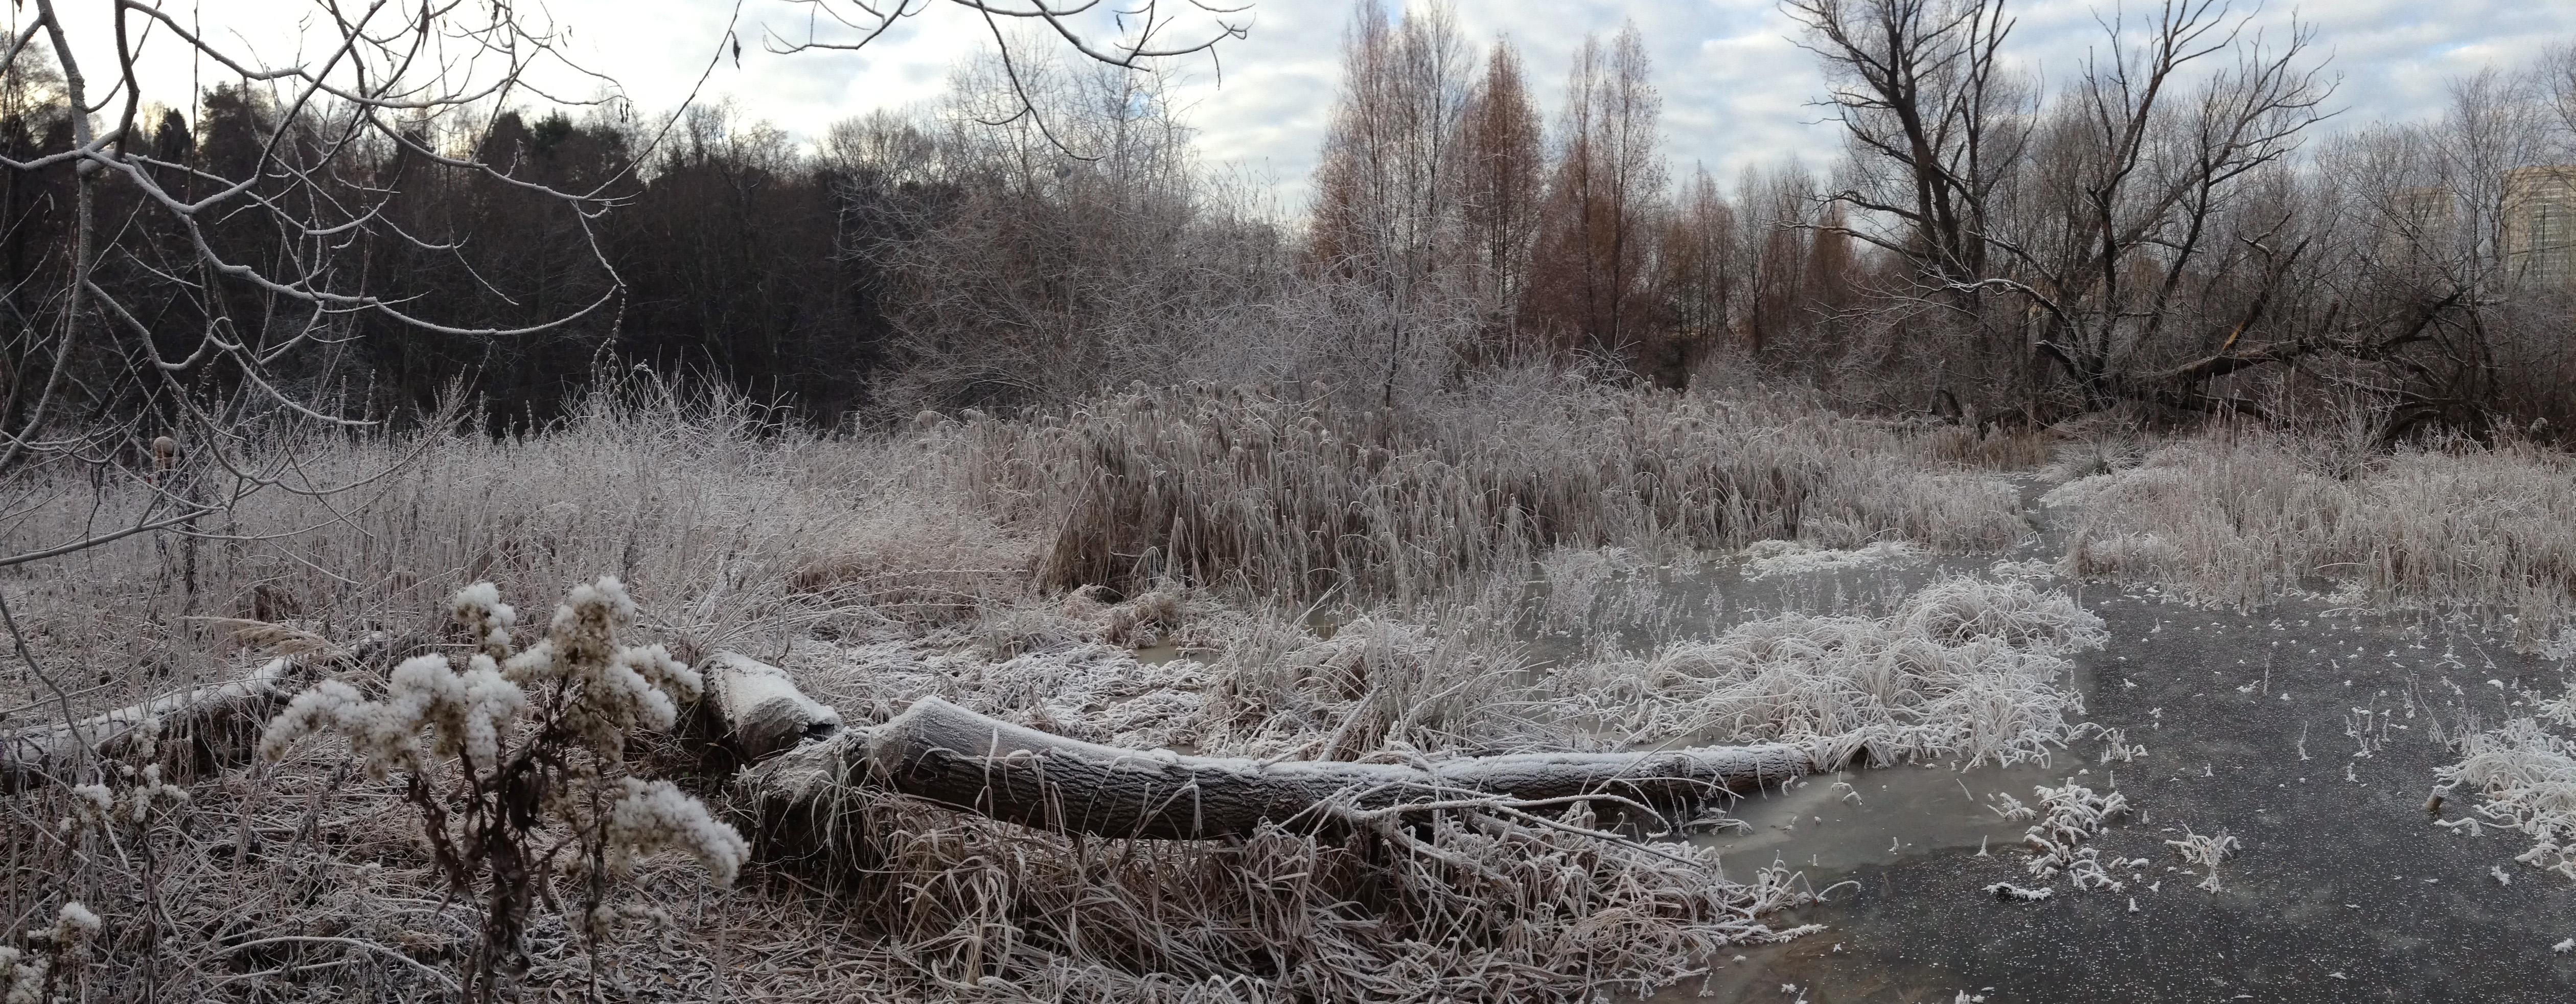 Осень НоябрьПервый Снег Река Пейзажи природы Альберт Сафиуллин